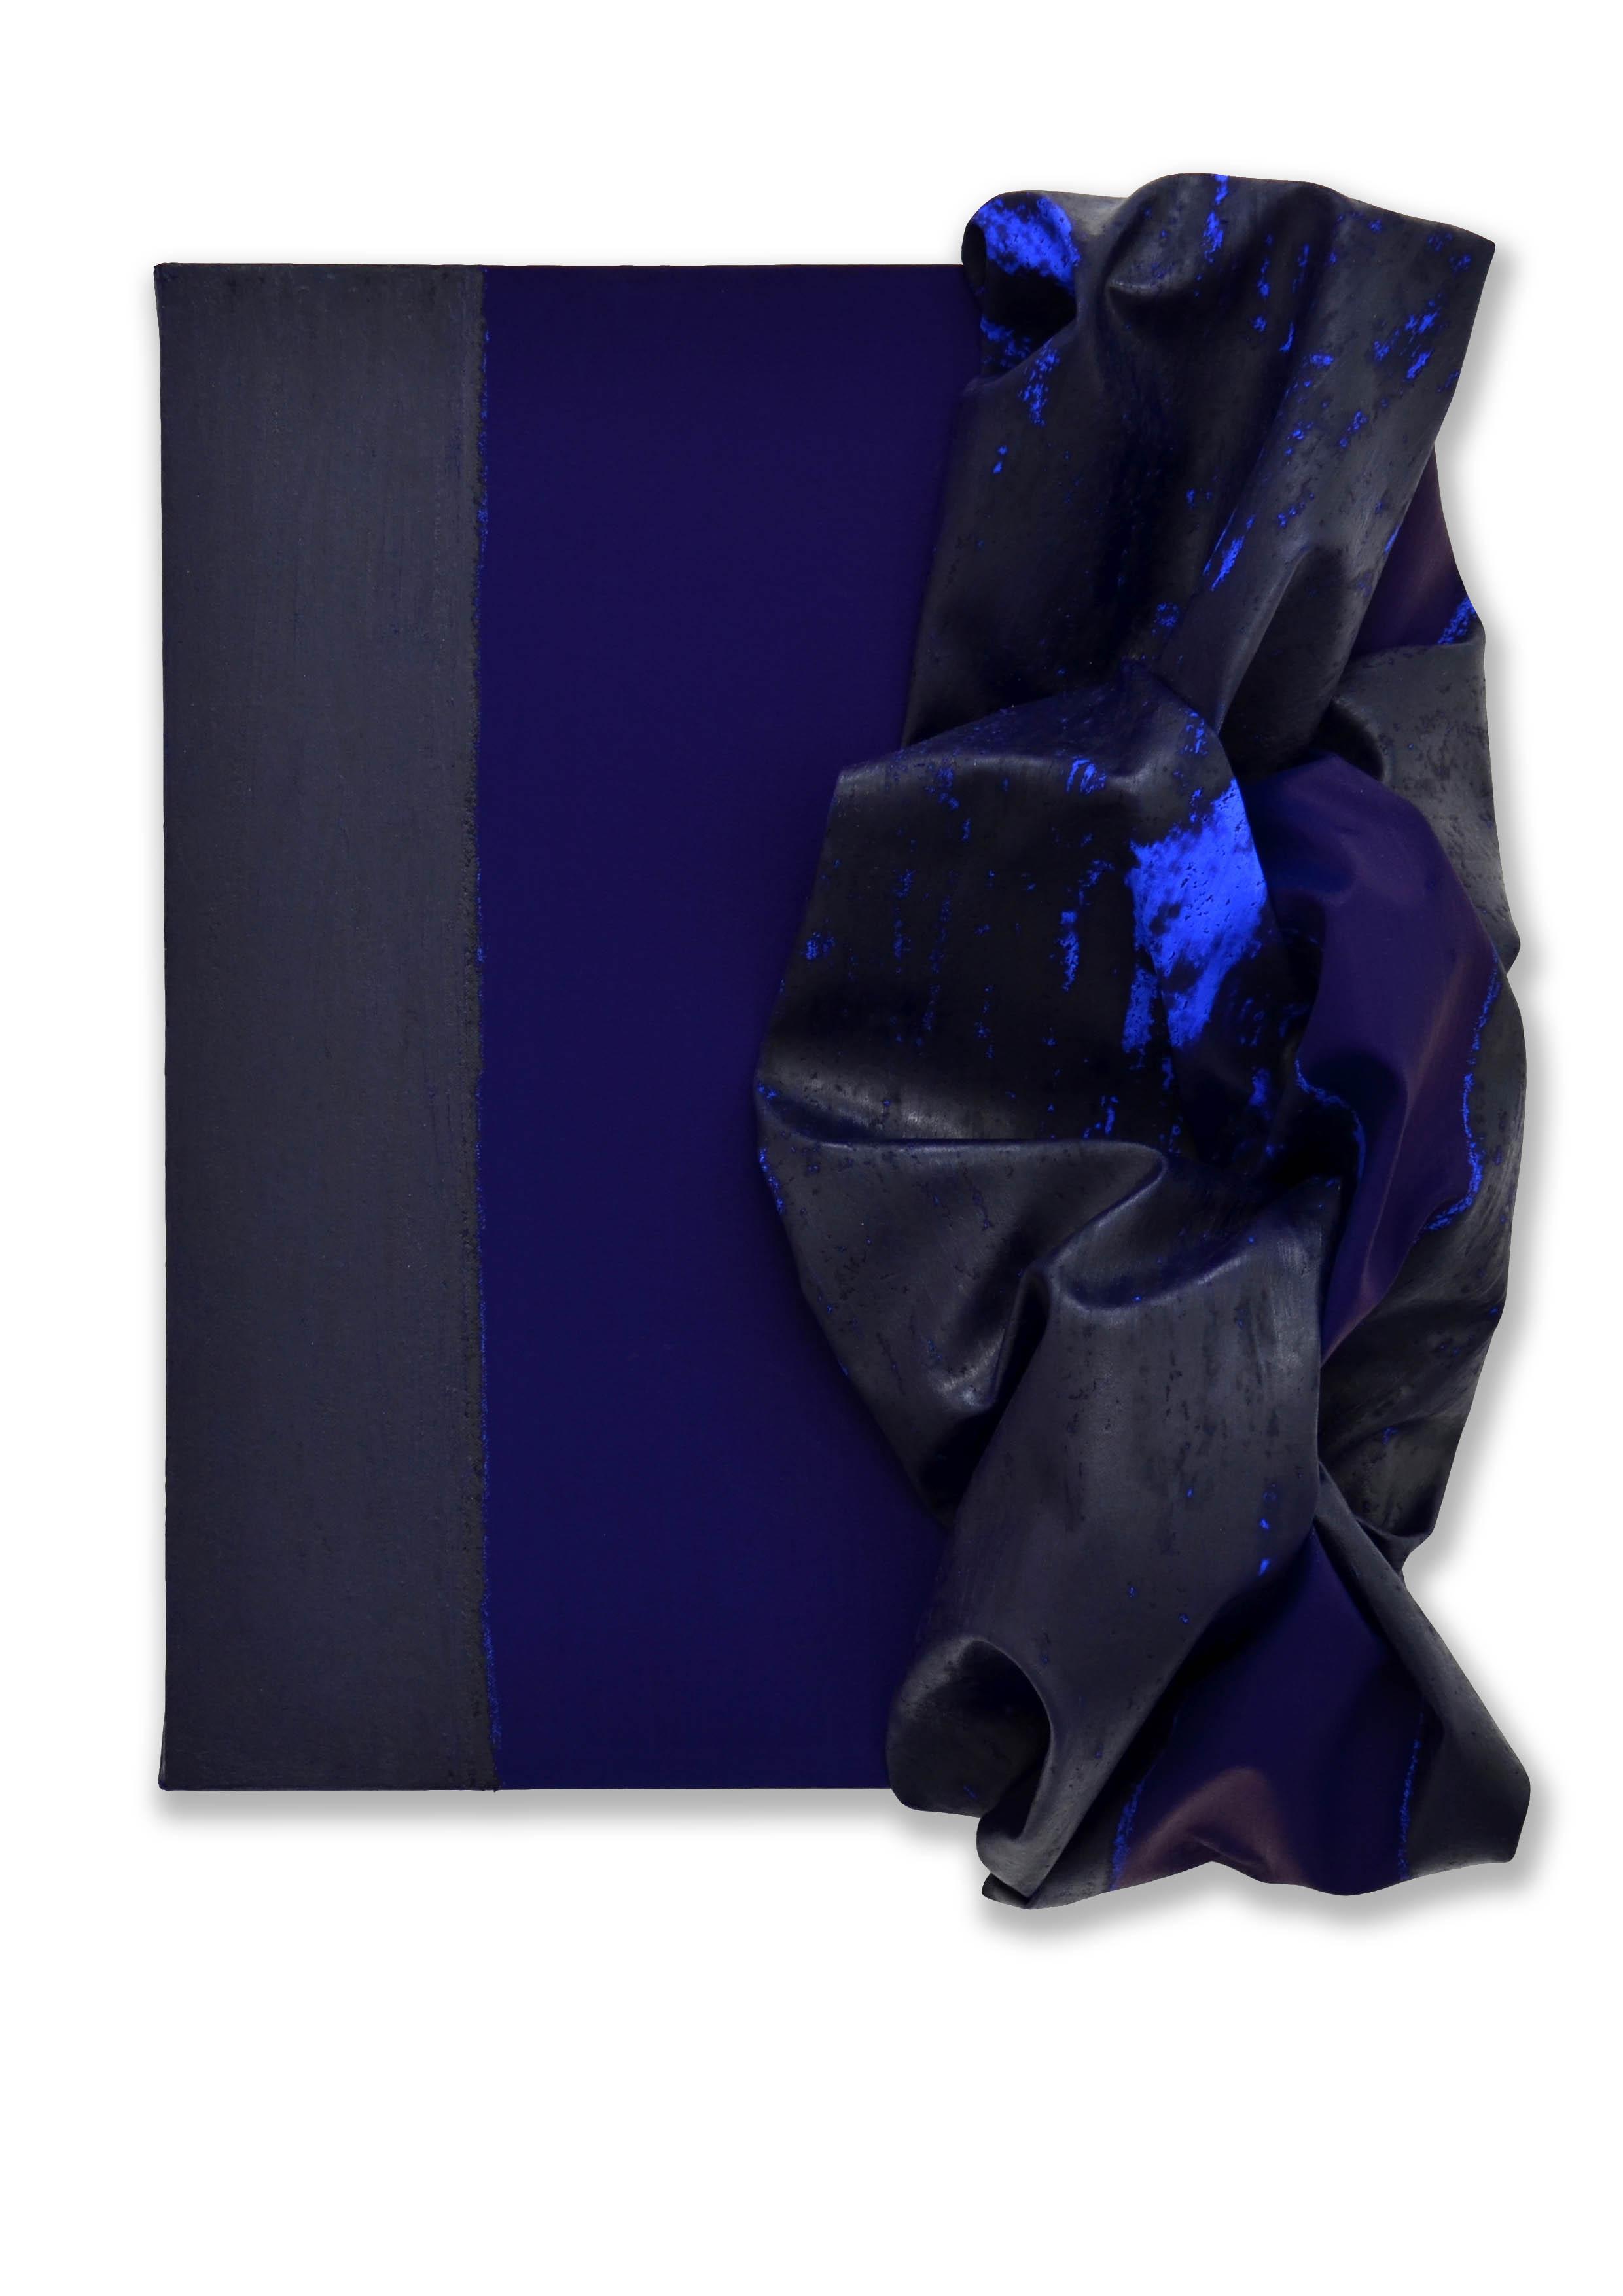 Edges  - 2017  Pigmento acrilico e oil stick su tela tesa su tavola  50 x 40 cm